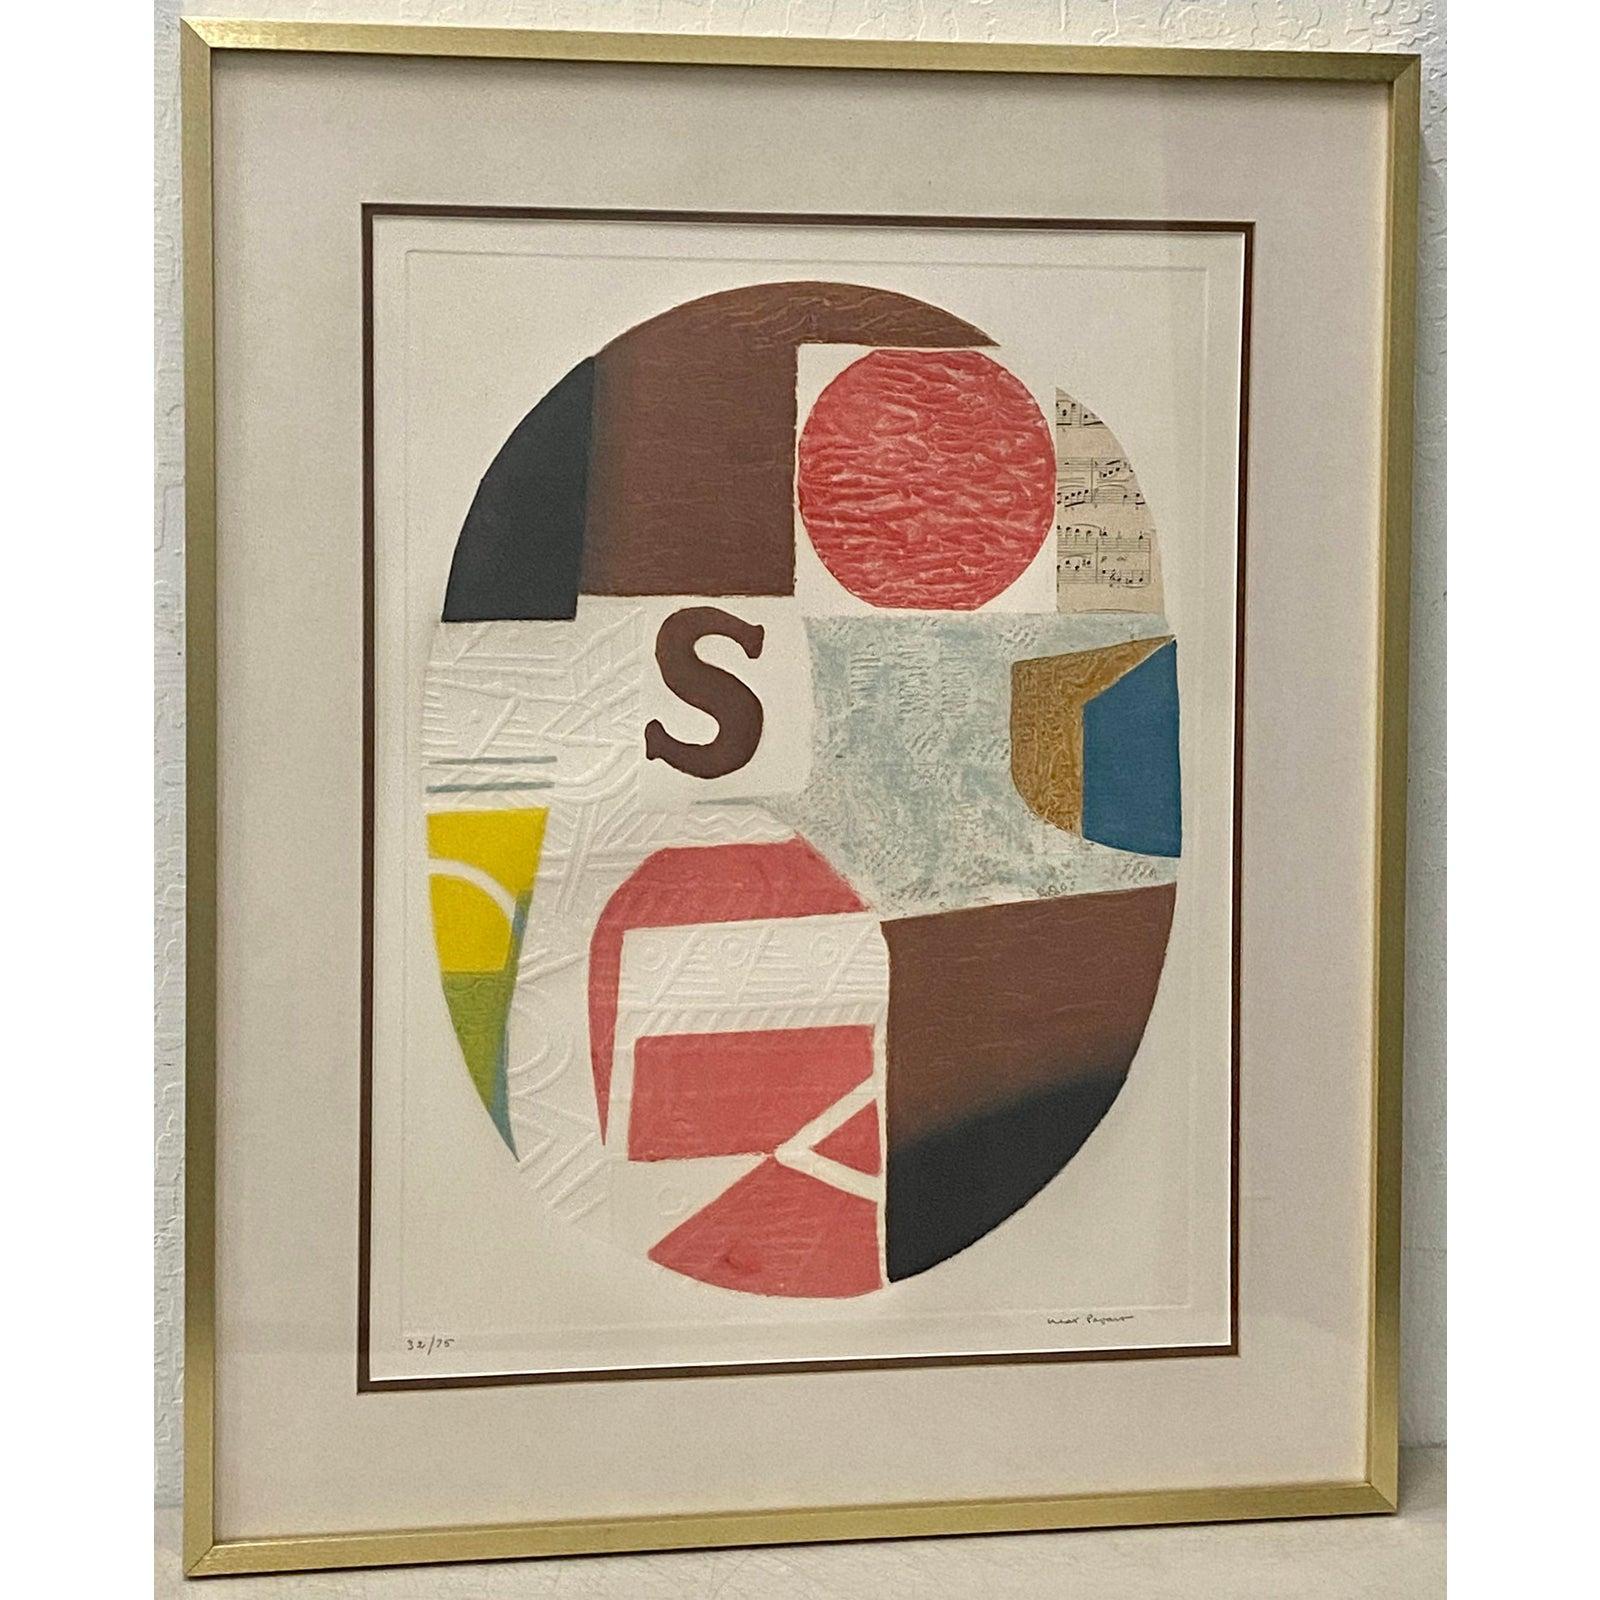 Max Papart (1911 - 1994) Carborundum and Collage c.1970